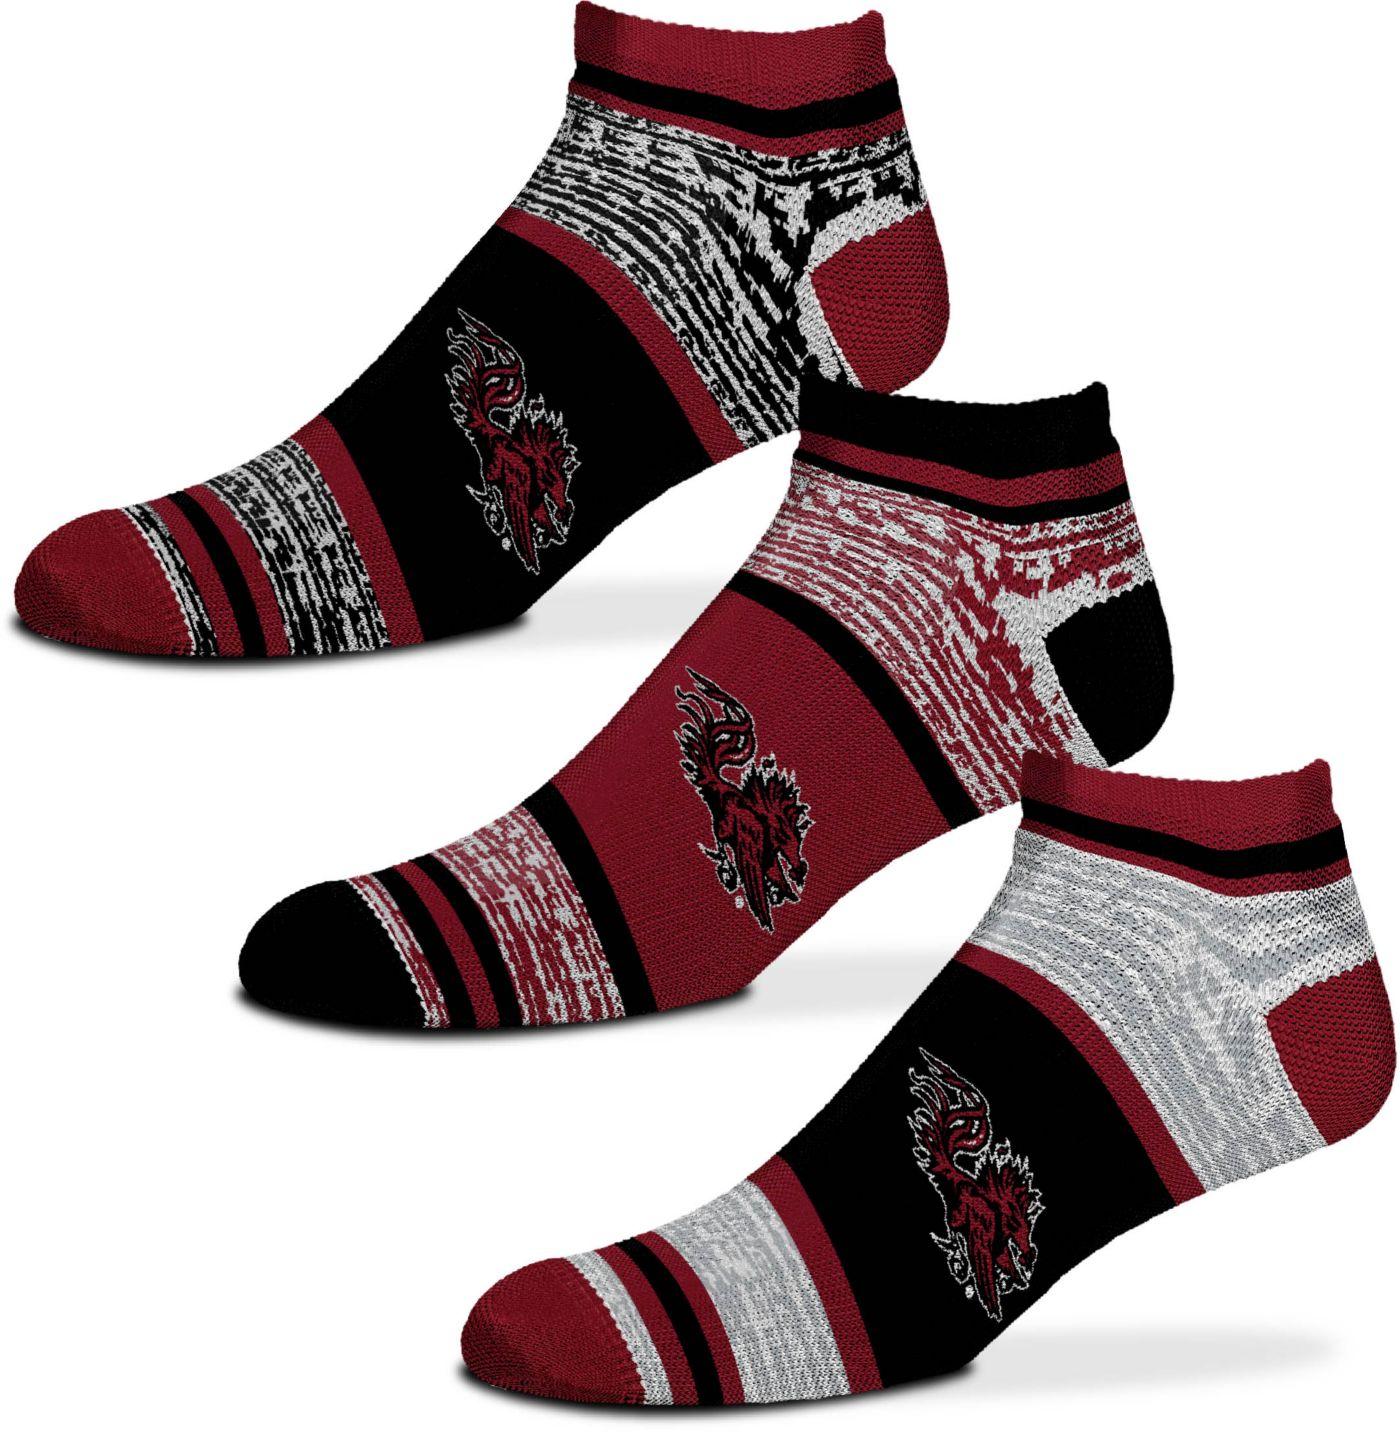 For Bare Feet South Carolina Gamecocks 3 Pack Socks